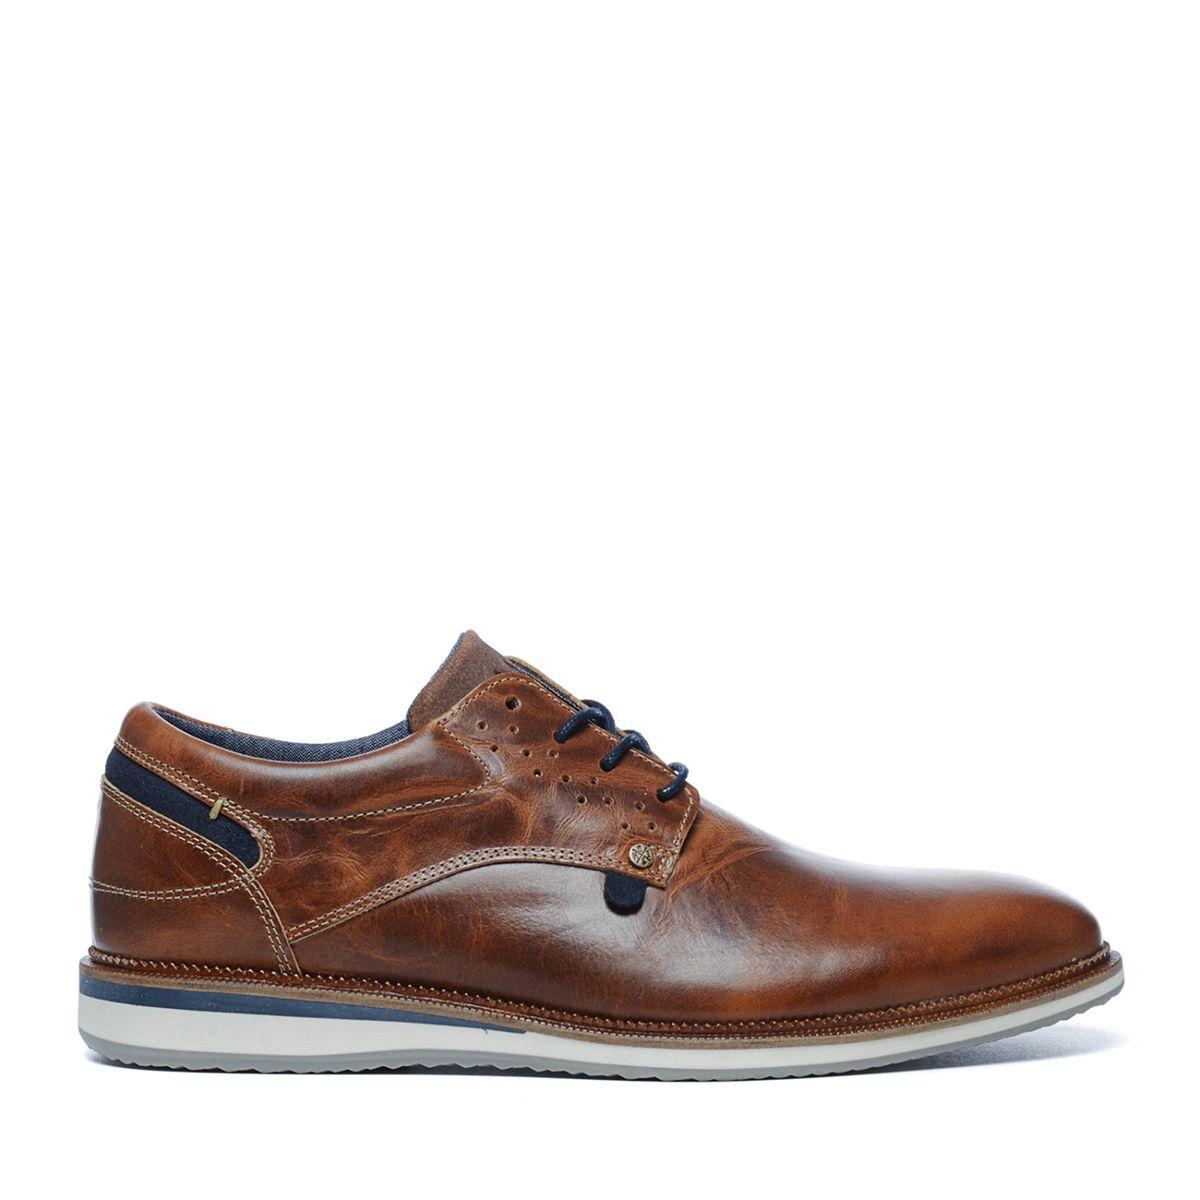 Chaussures À Lacets En Cuir Taille : 40;46;41;42;43;44;45